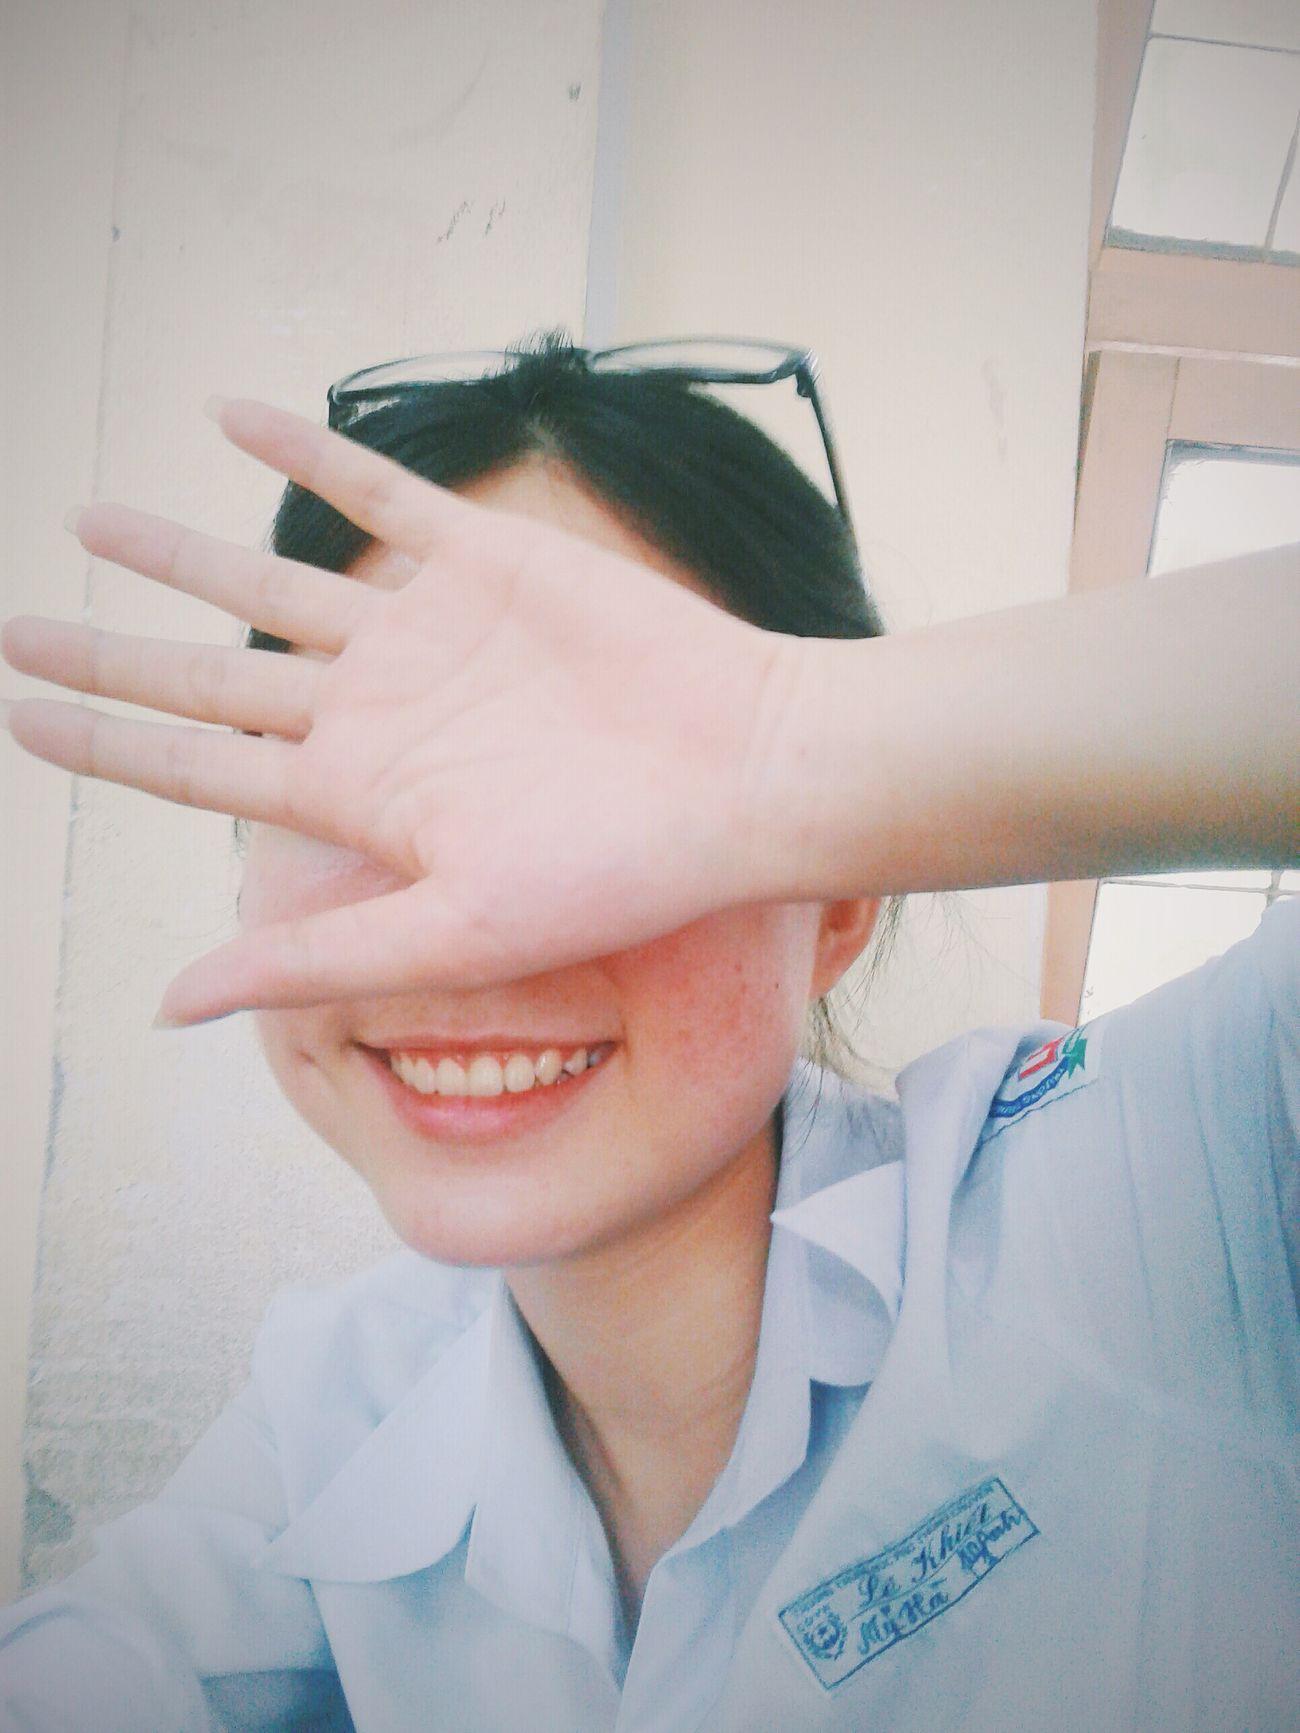 Your shiny smile brightens my rainy day Mygirlsmyworld MyGirl<3 MyGIRL Lovely Love Lovestory🎶 Iluvyou Iloveyou Myworld MySunshine Itsyou Young Women EyeEm Best Shots EyeEm Gallery Vscocam Vscodaily First Eyeem Photo